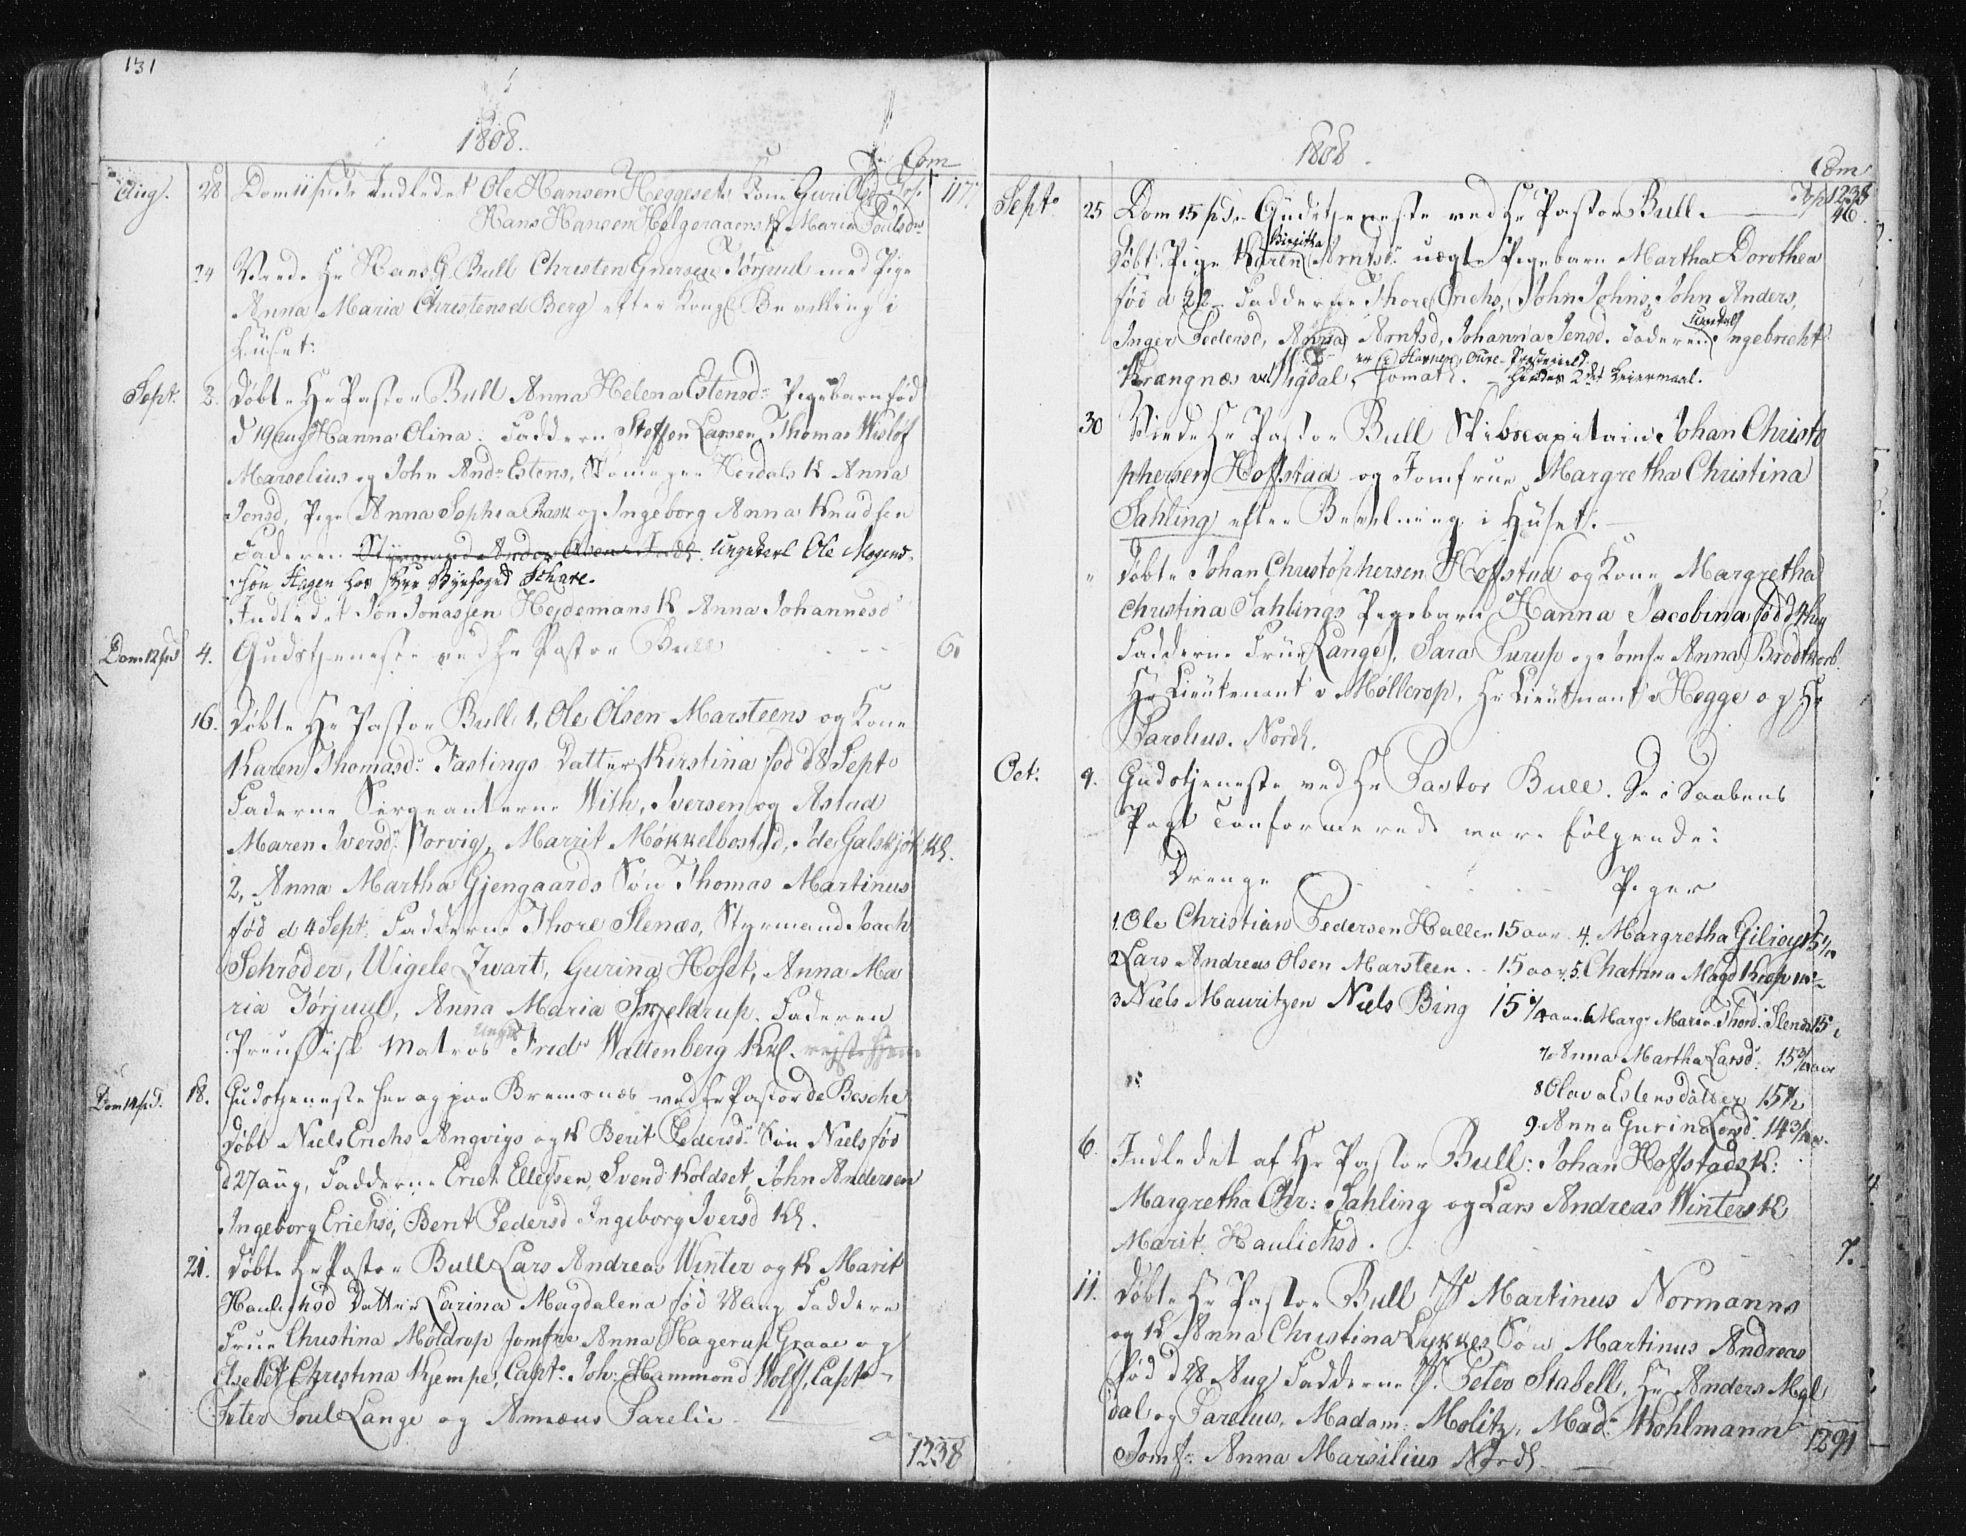 SAT, Ministerialprotokoller, klokkerbøker og fødselsregistre - Møre og Romsdal, 572/L0841: Ministerialbok nr. 572A04, 1784-1819, s. 131